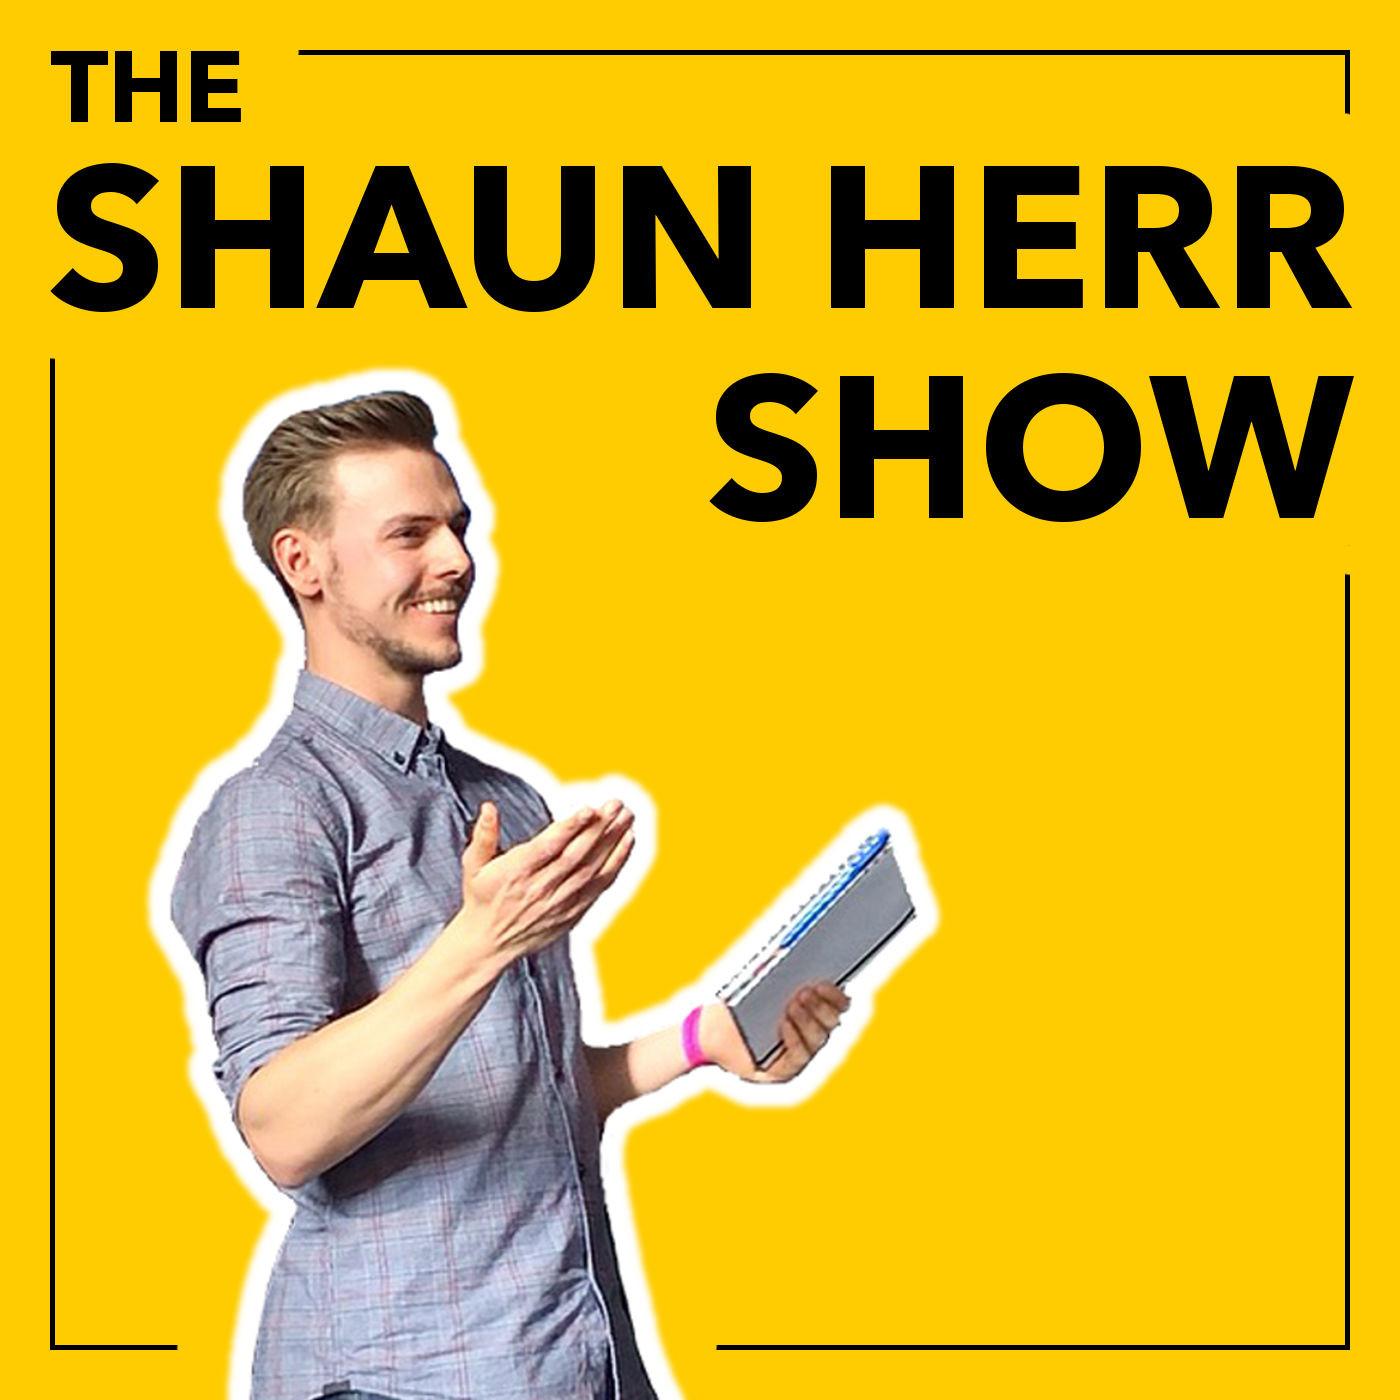 Shaun Herr